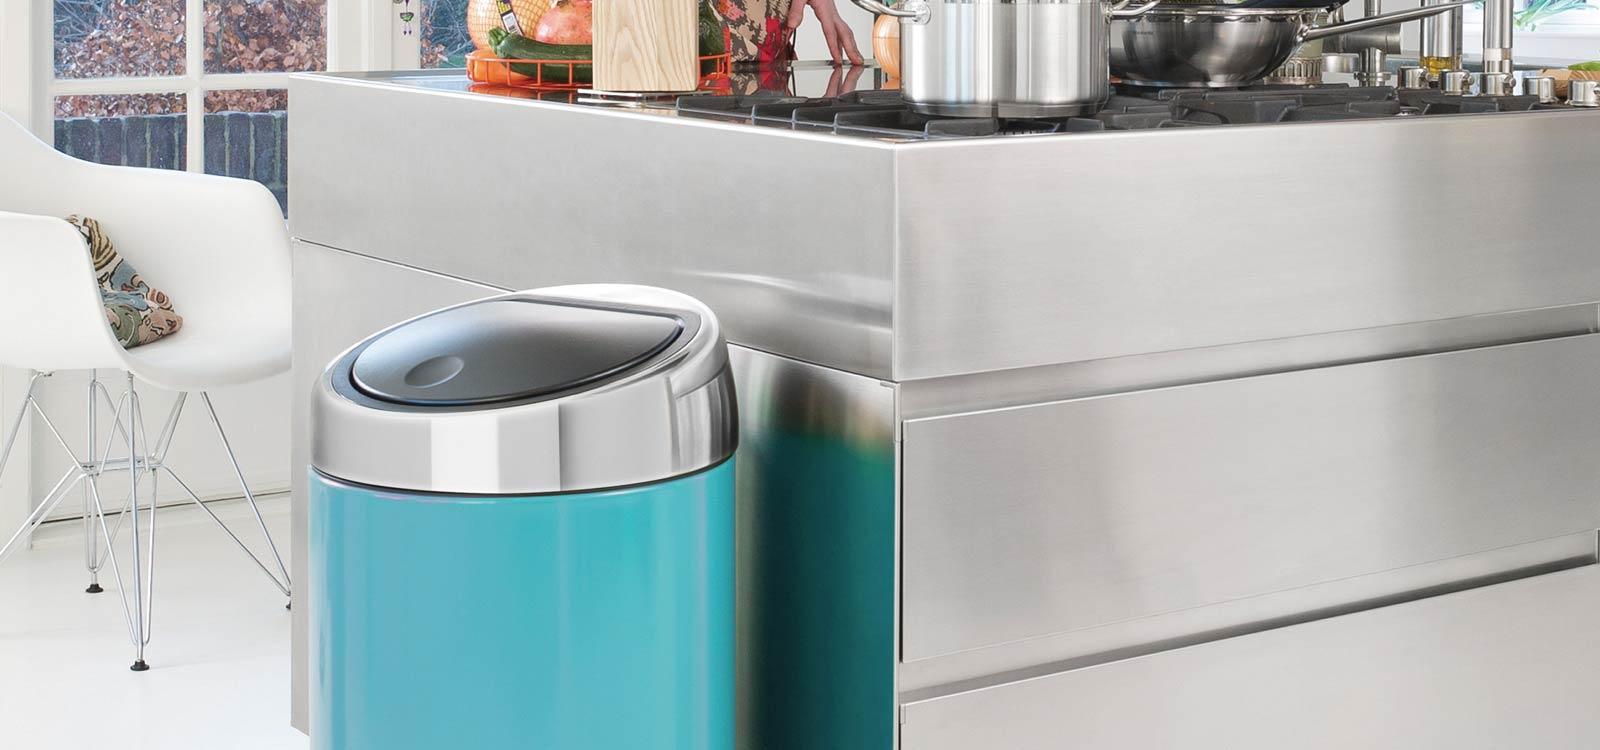 afvalbak-voor-in-de-keuken-afval-scheiden